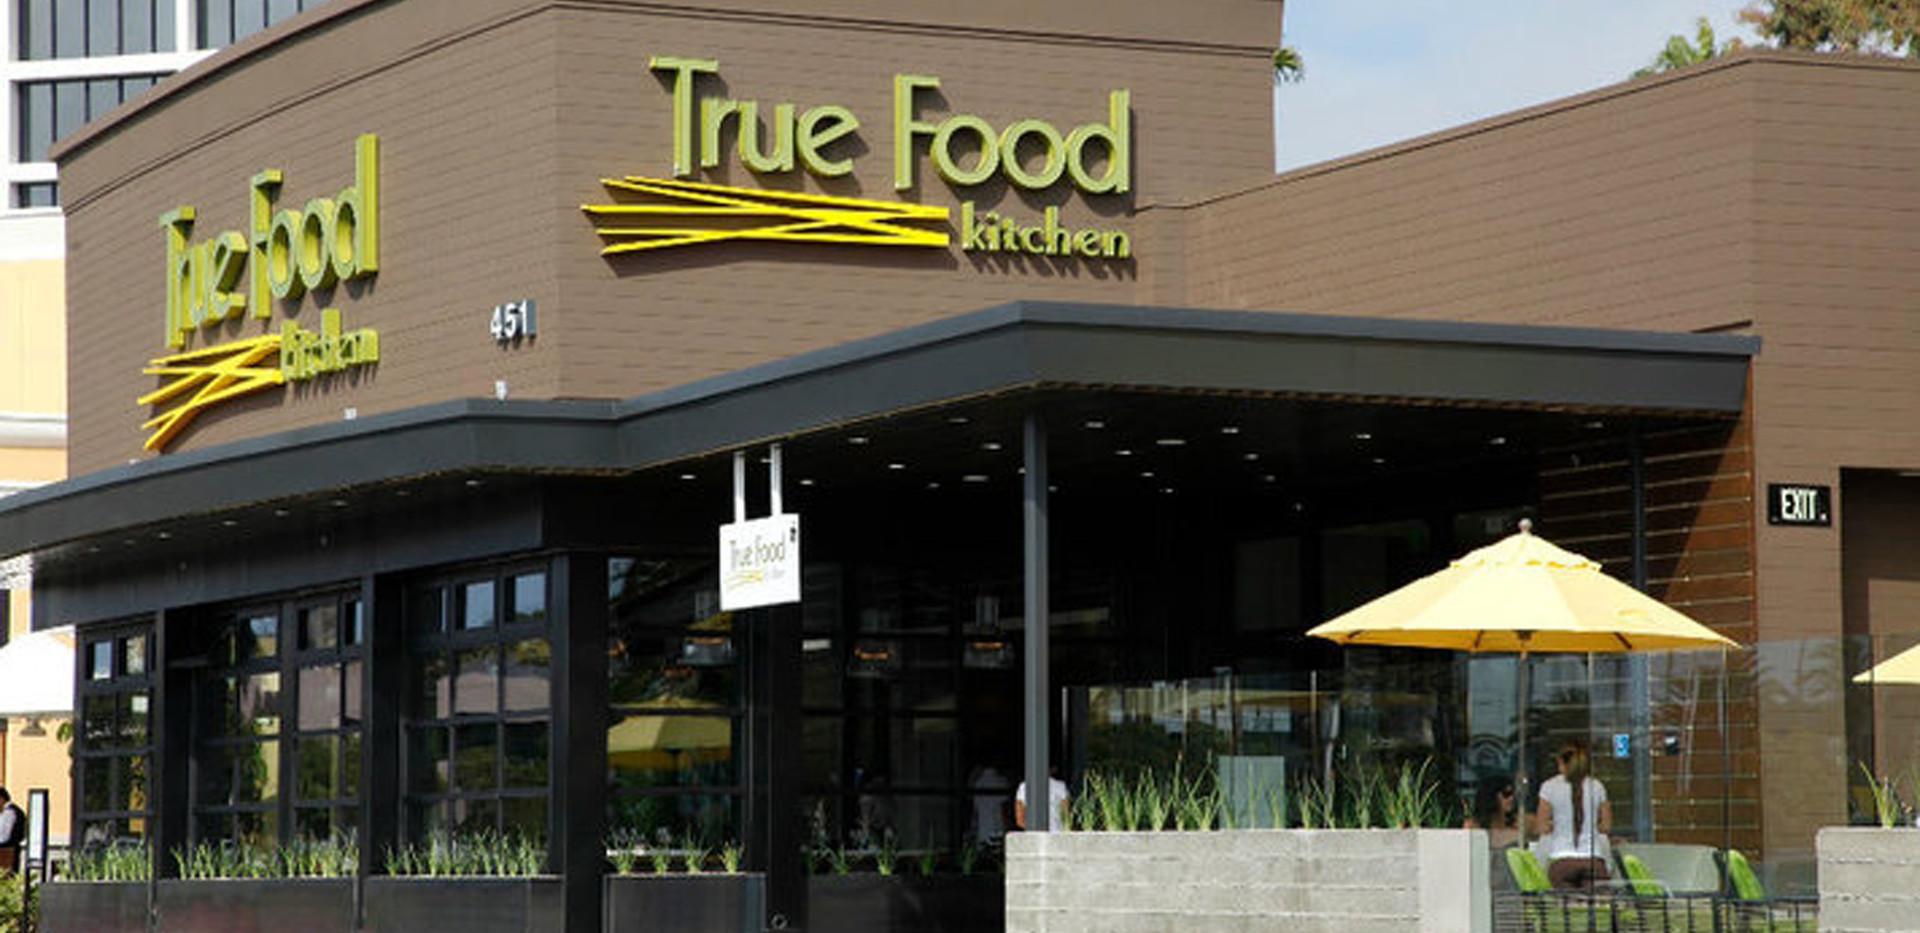 True Food Kitchen | Fox Restaurant Concepts